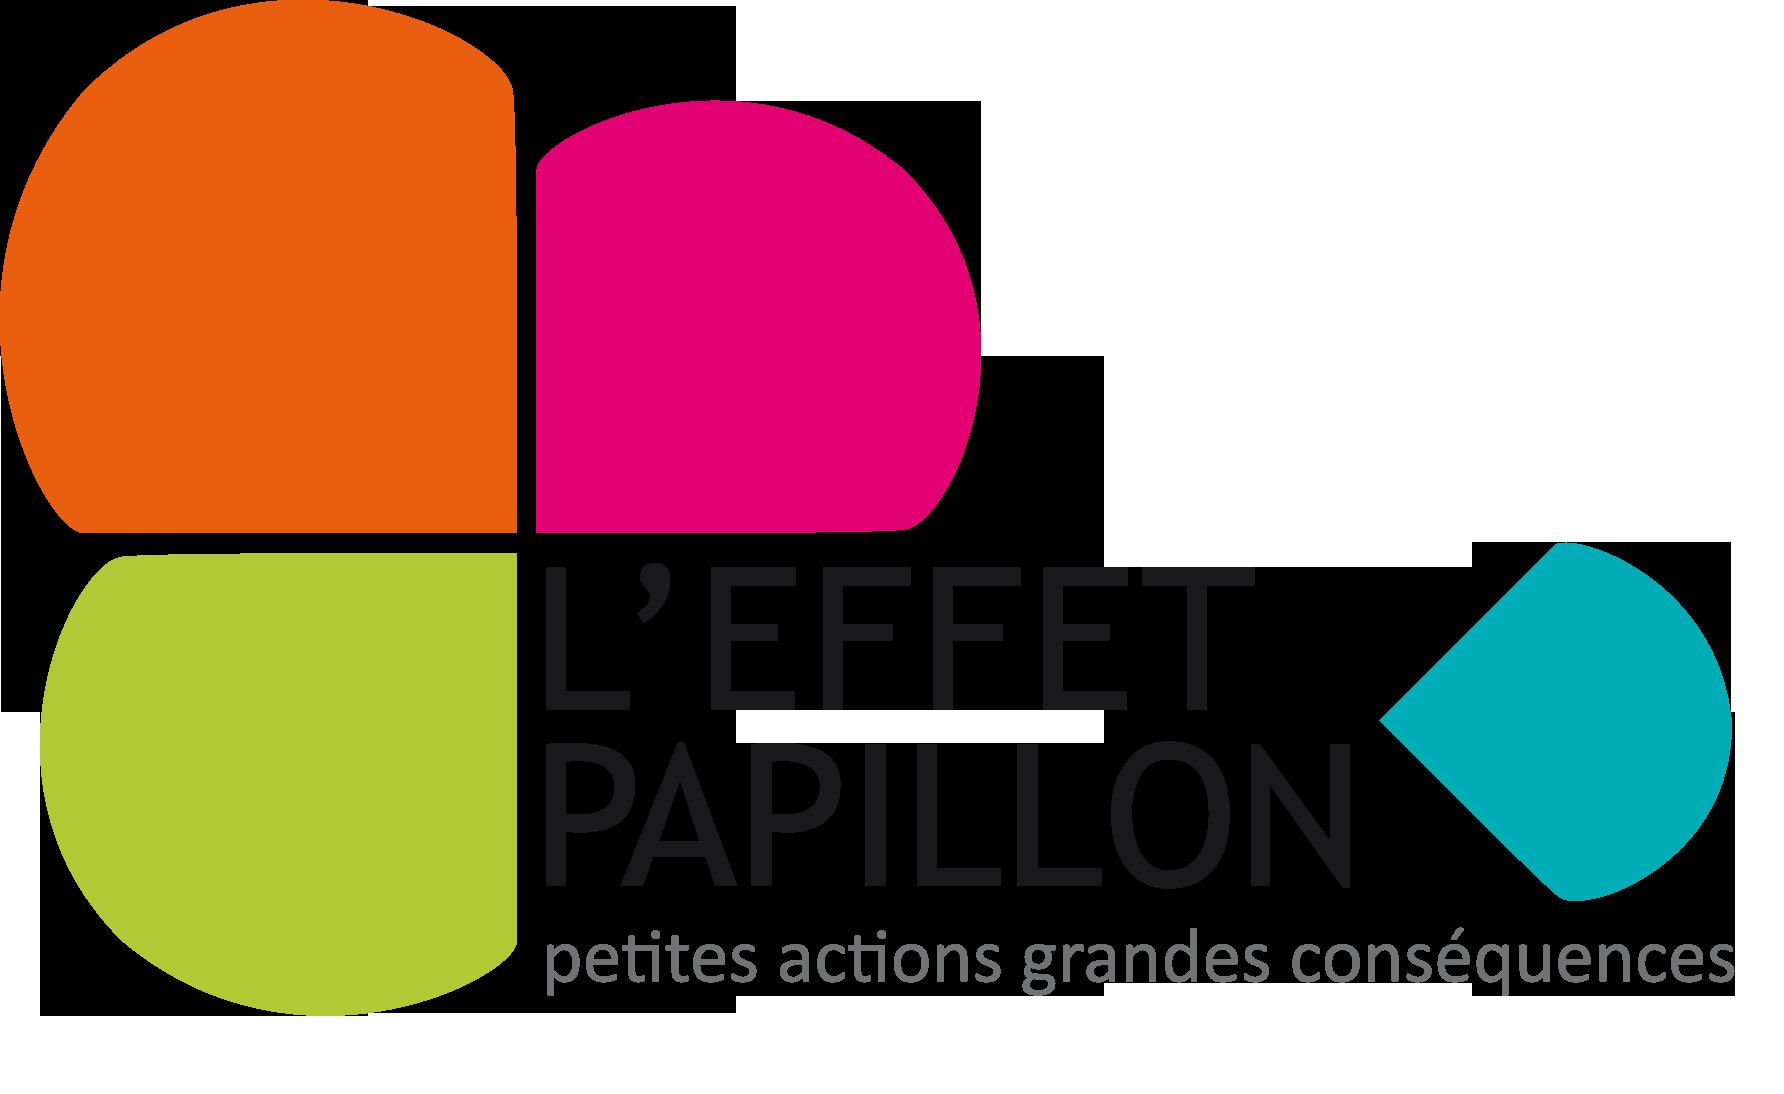 DEF-logo-effet-papillon 100x60 - Copie